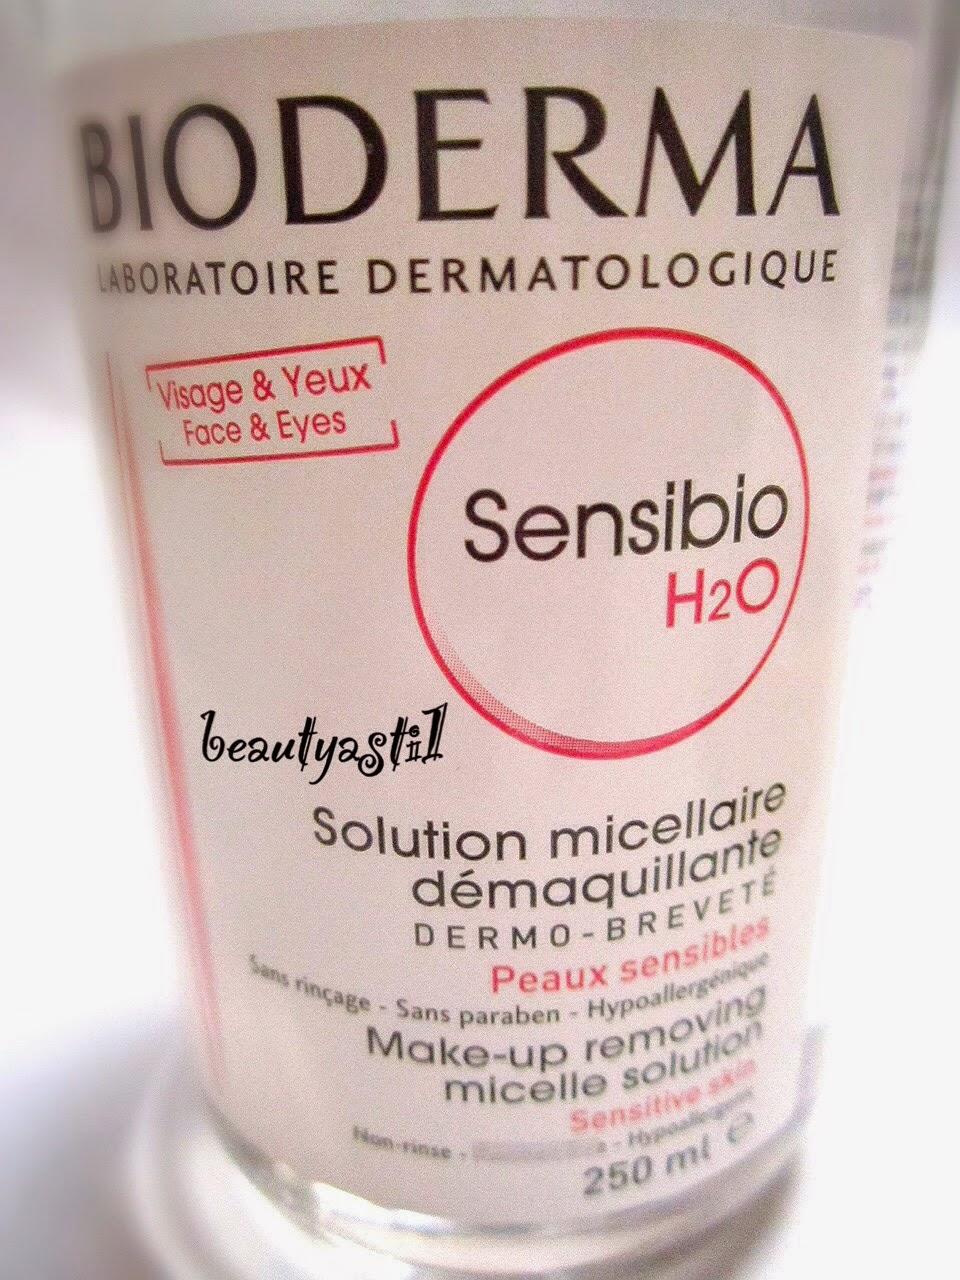 bioderma-sensibio-h2o-ingredients.jpg